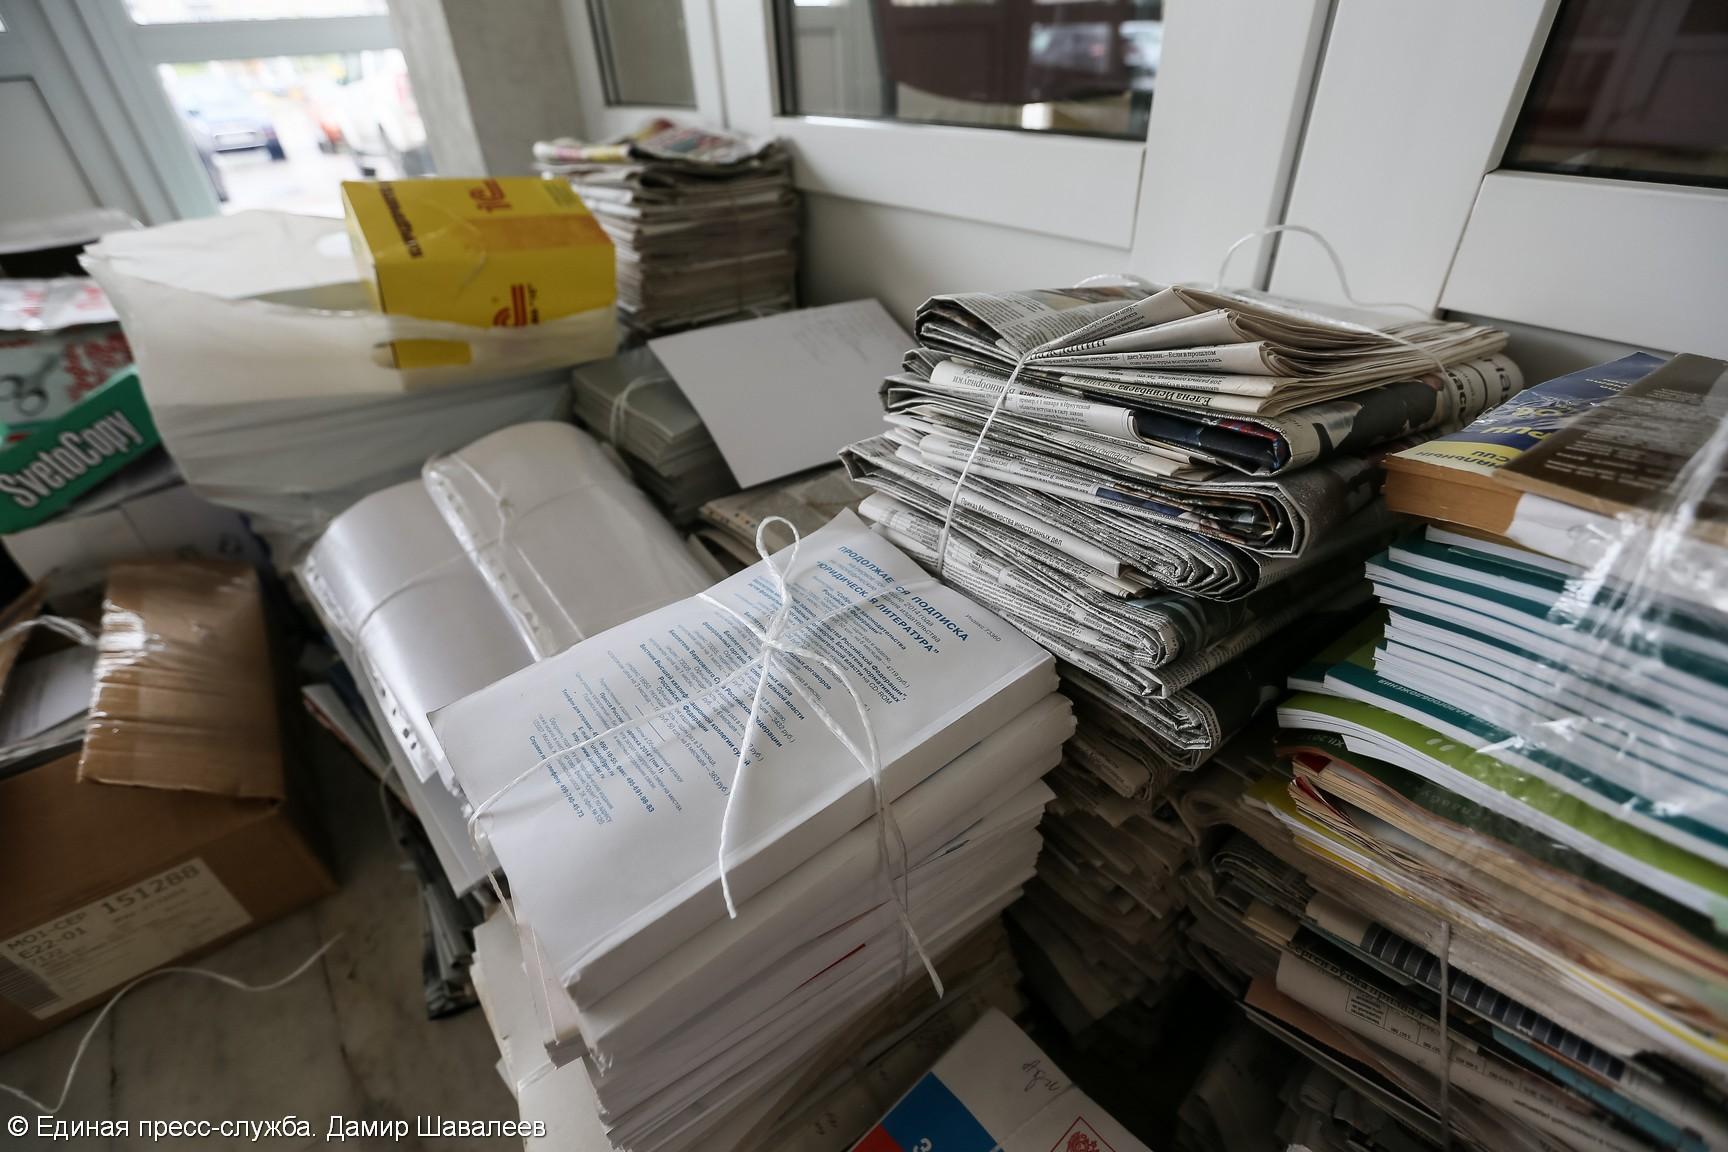 Прием макулатуры кашира новиков максим николаевич лига переработчиков макулатуры